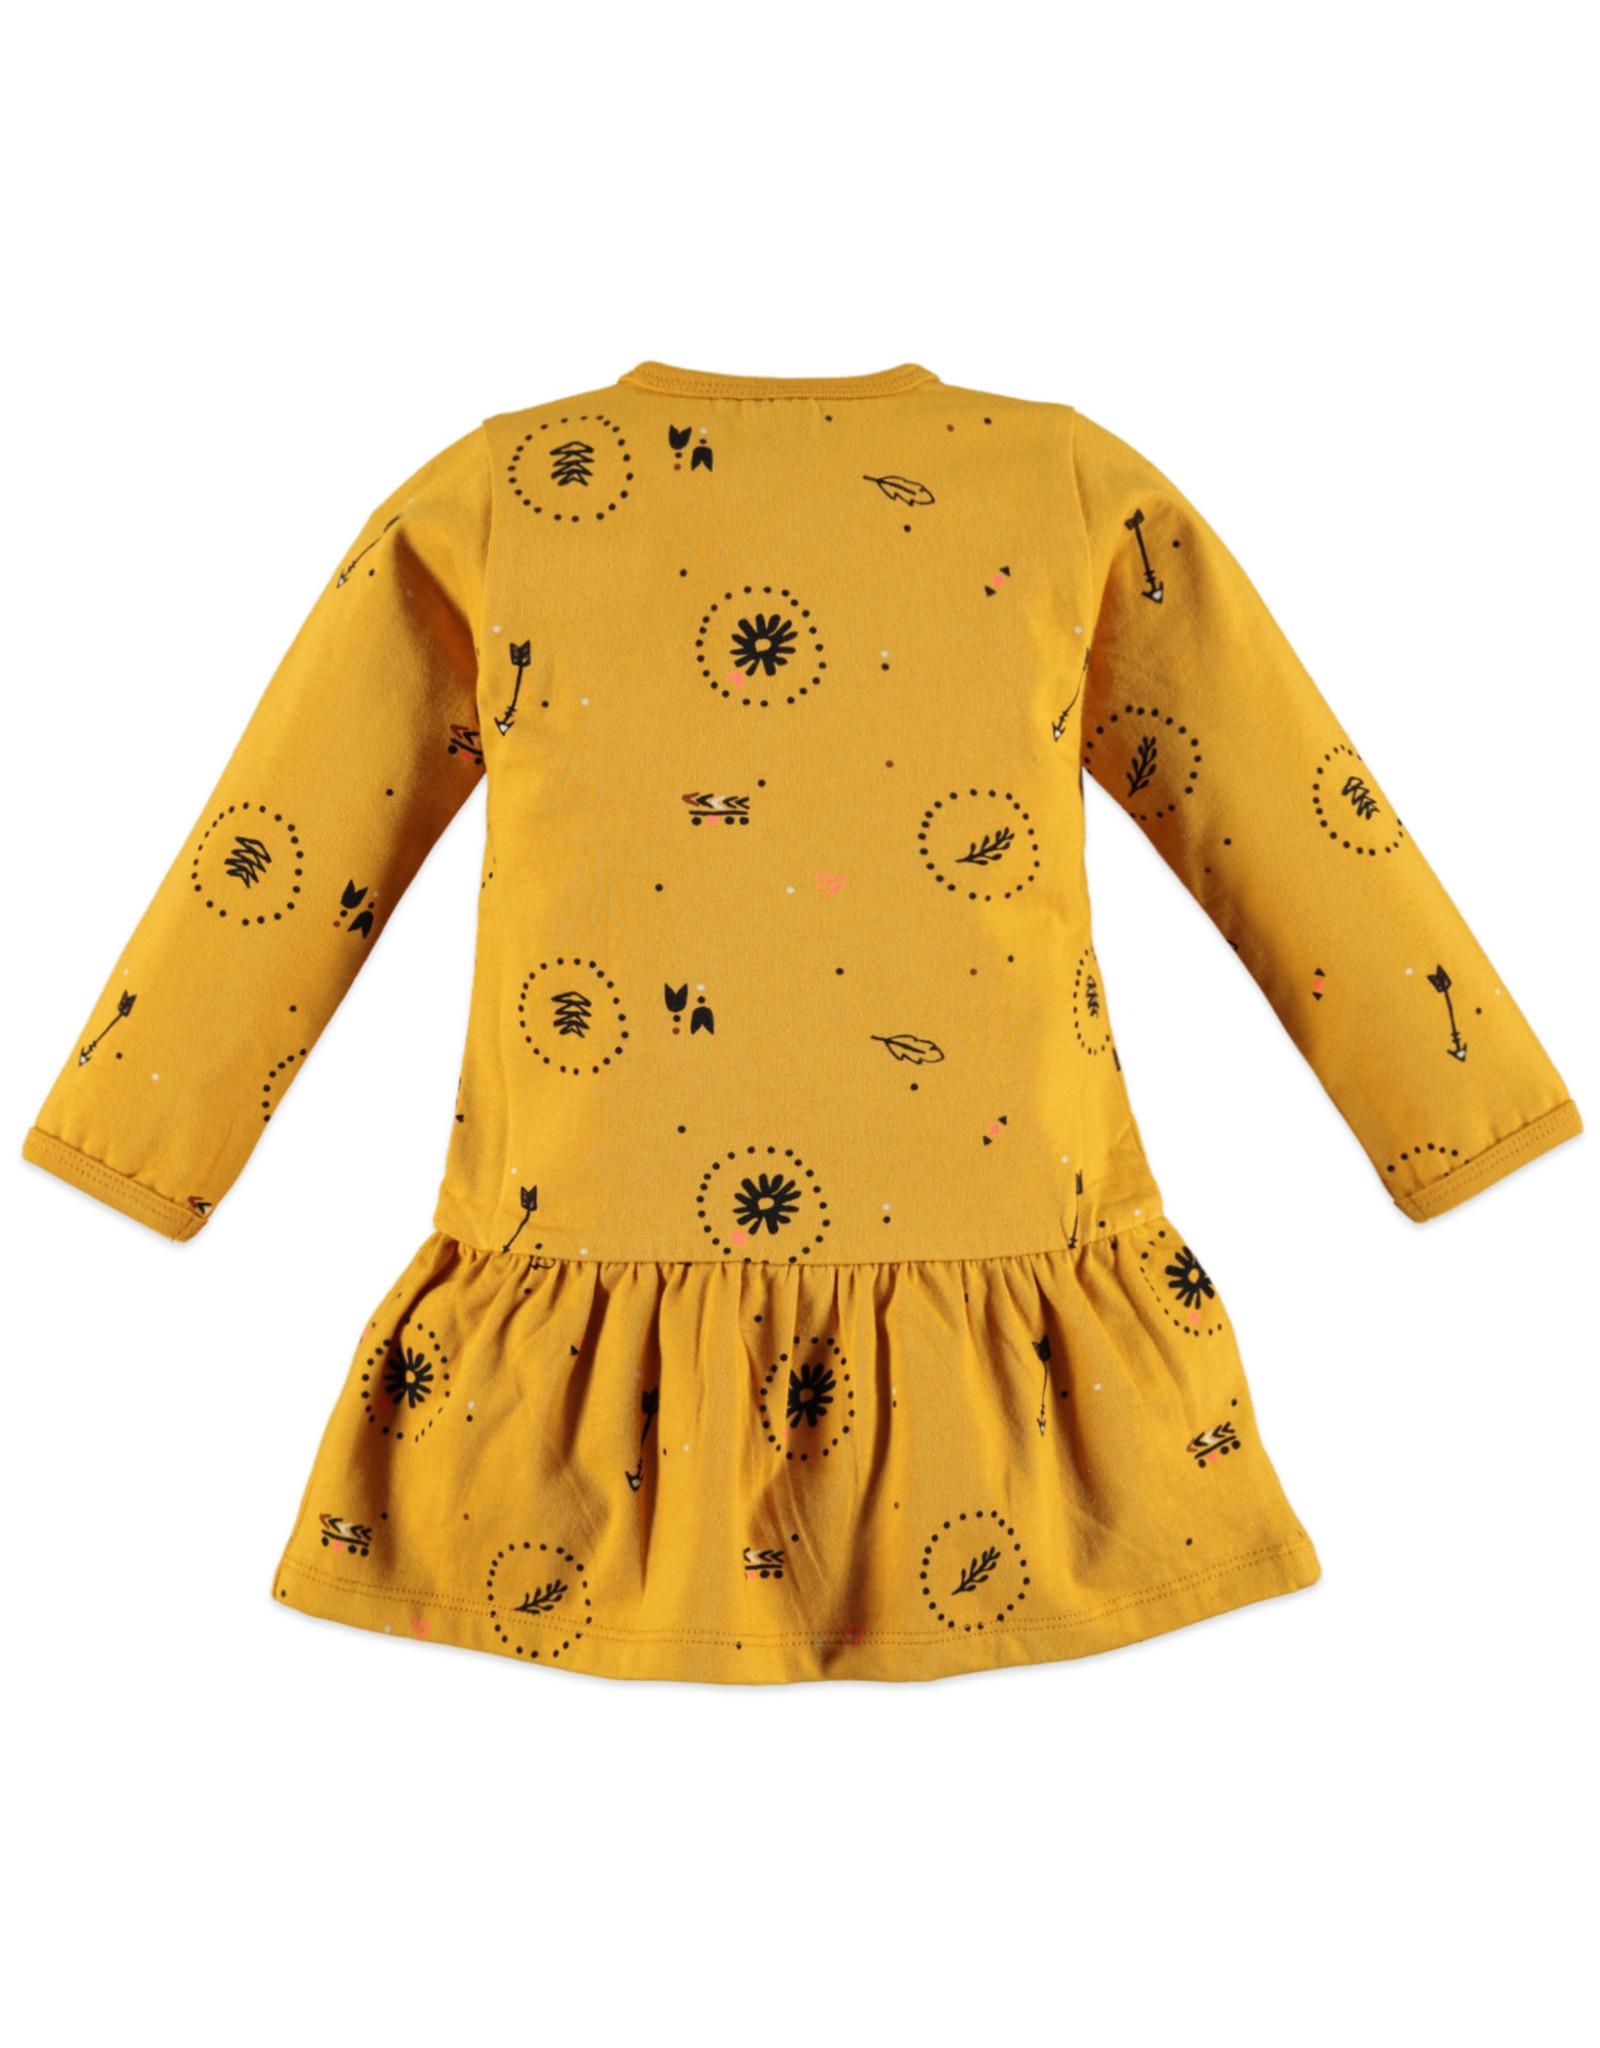 Babyface girls dress/ocher